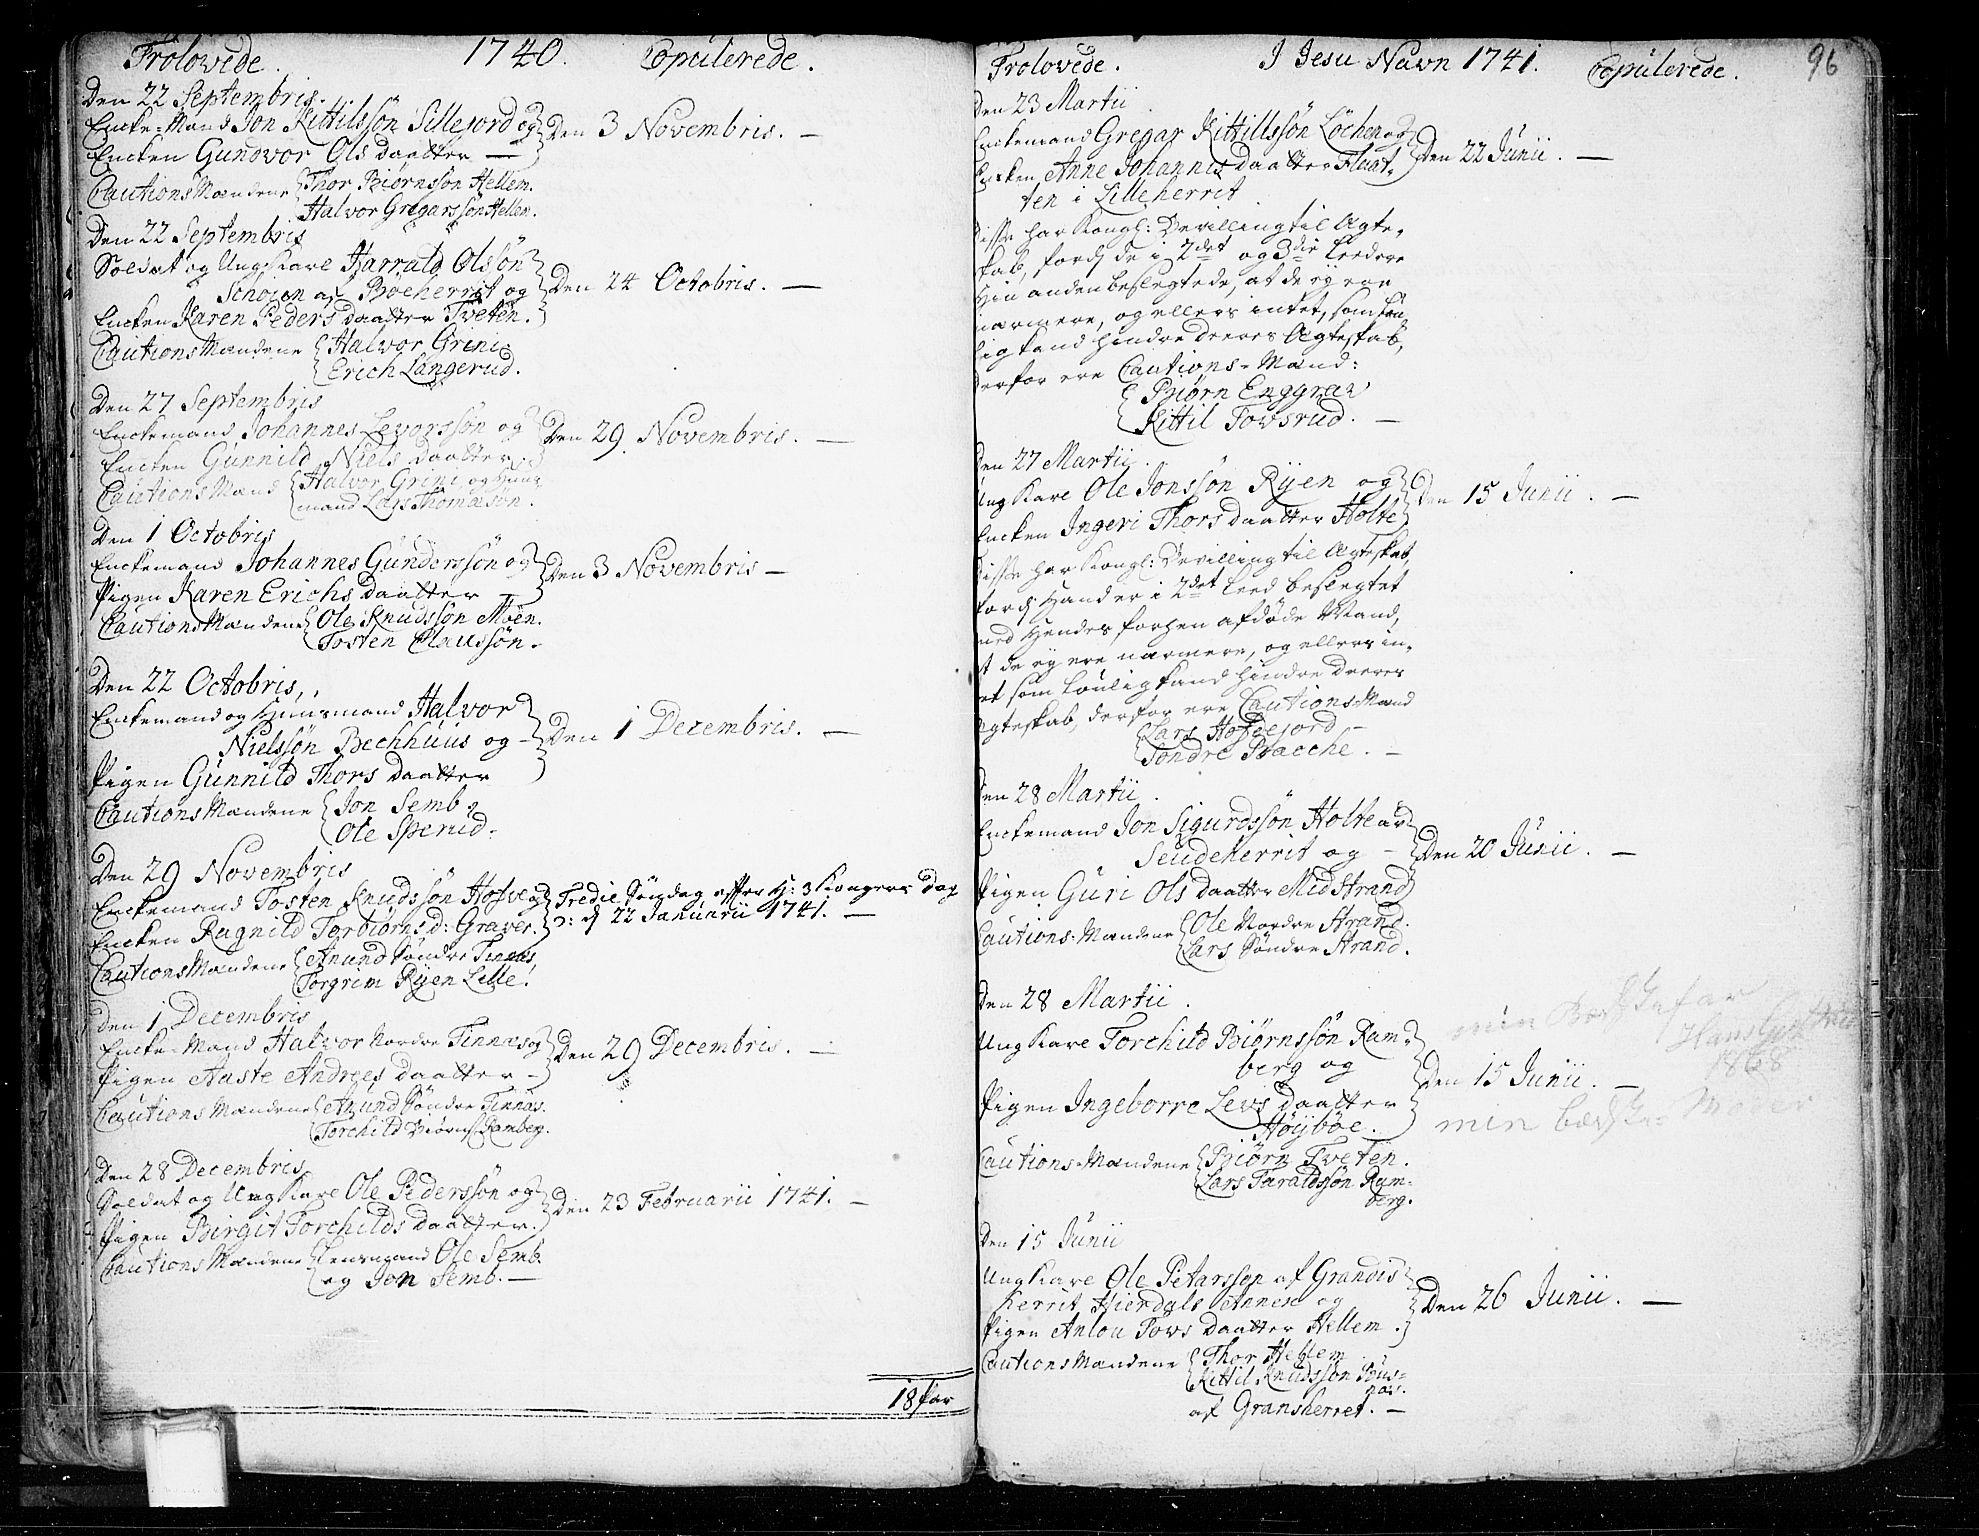 SAKO, Heddal kirkebøker, F/Fa/L0003: Ministerialbok nr. I 3, 1723-1783, s. 96